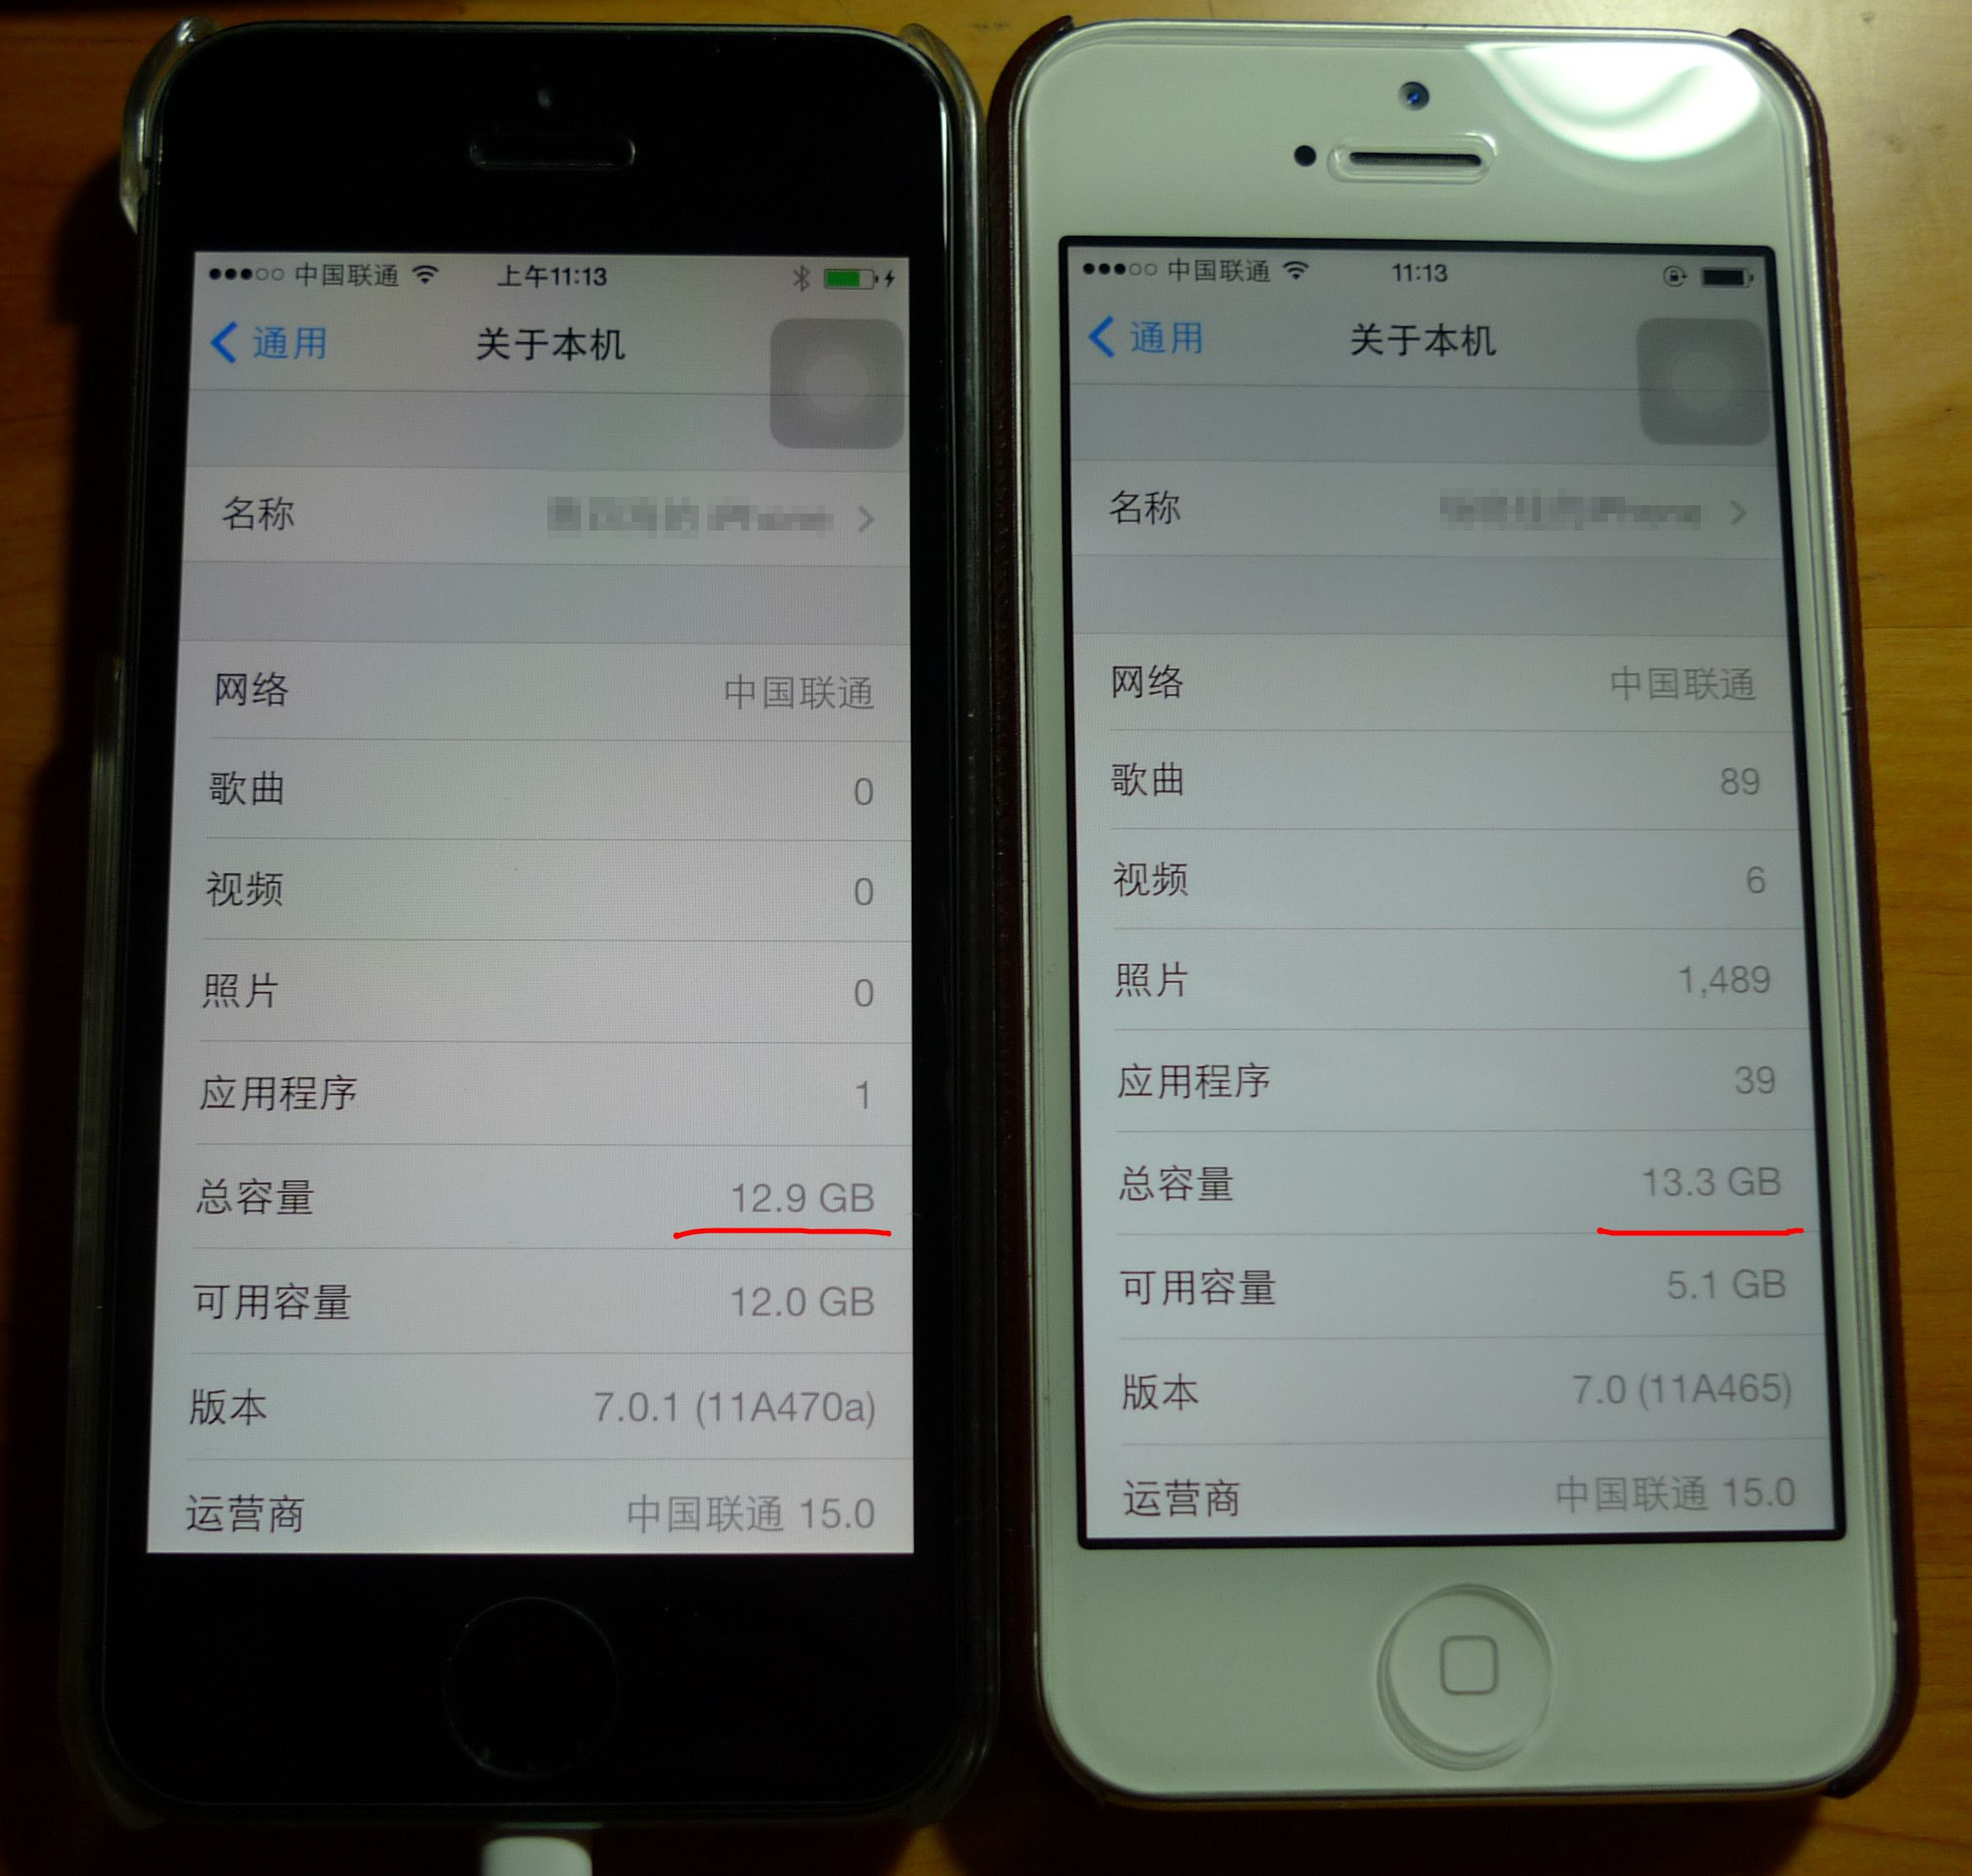 苹果手机16g实际内存是多少g